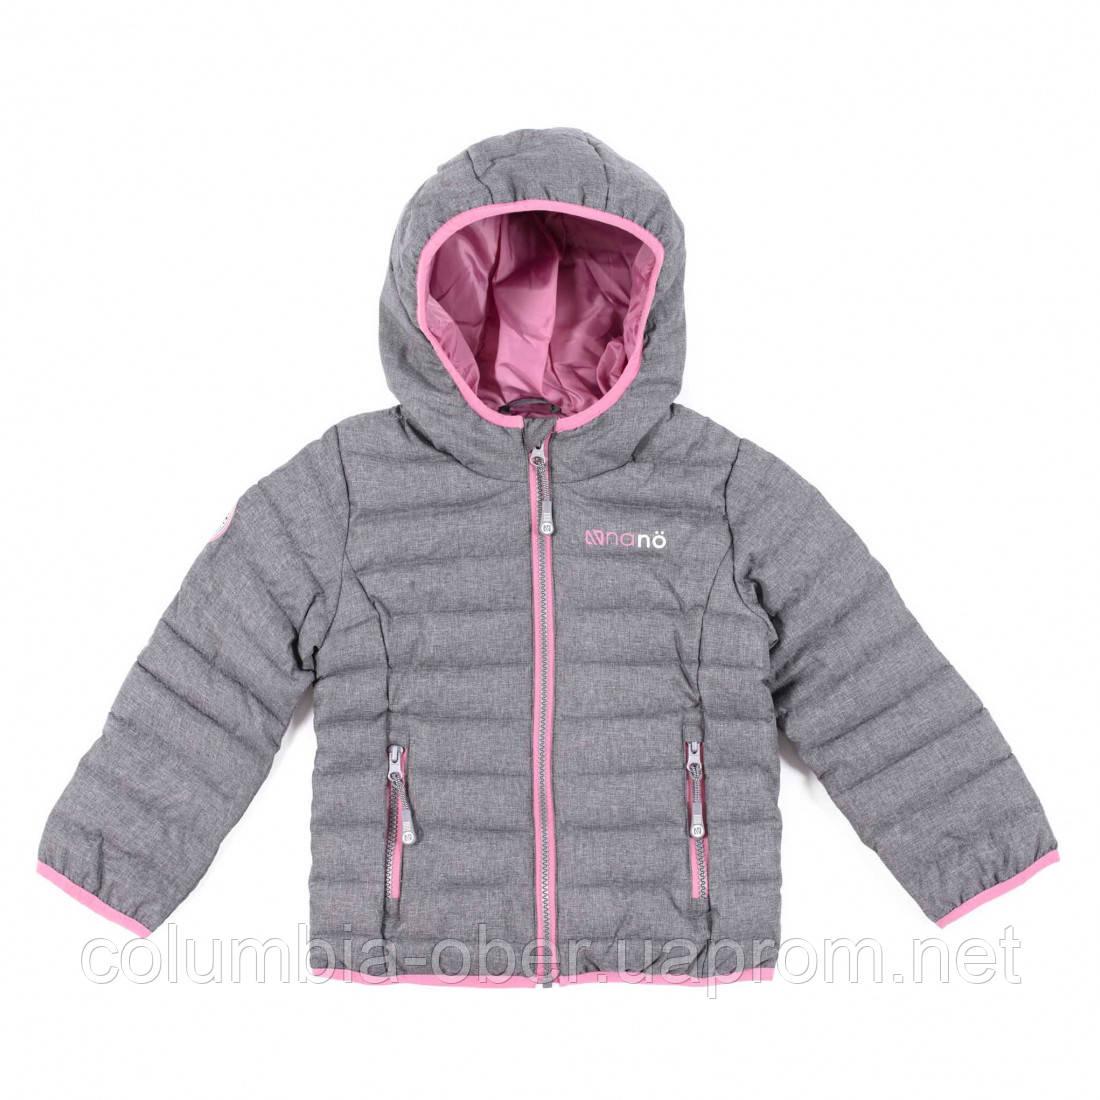 Демисезонная куртка для девочки NANO F20M1250 DustGrayMix. Размеры 2 - 8.